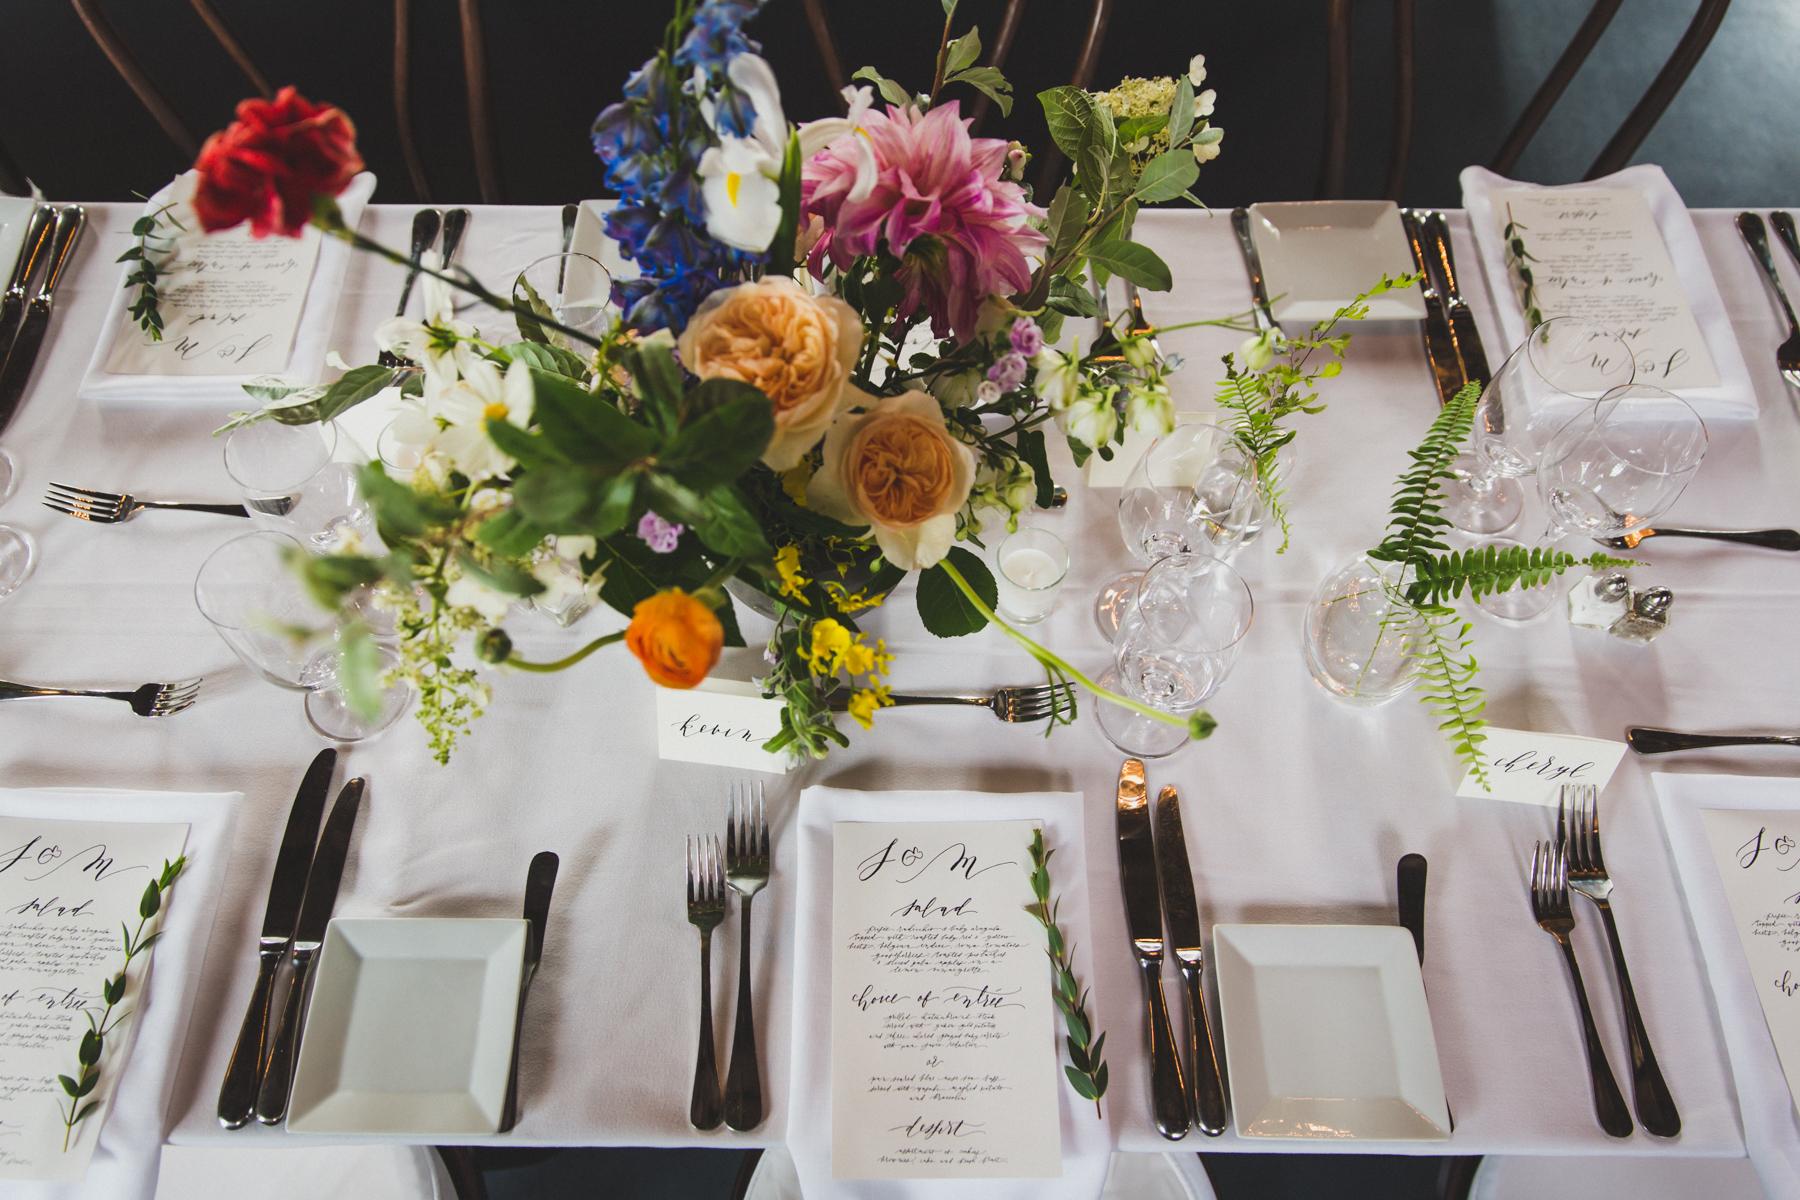 Wythe-Hotel-Green-Building-Brooklyn-Documentary-Wedding-Photography-43.jpg